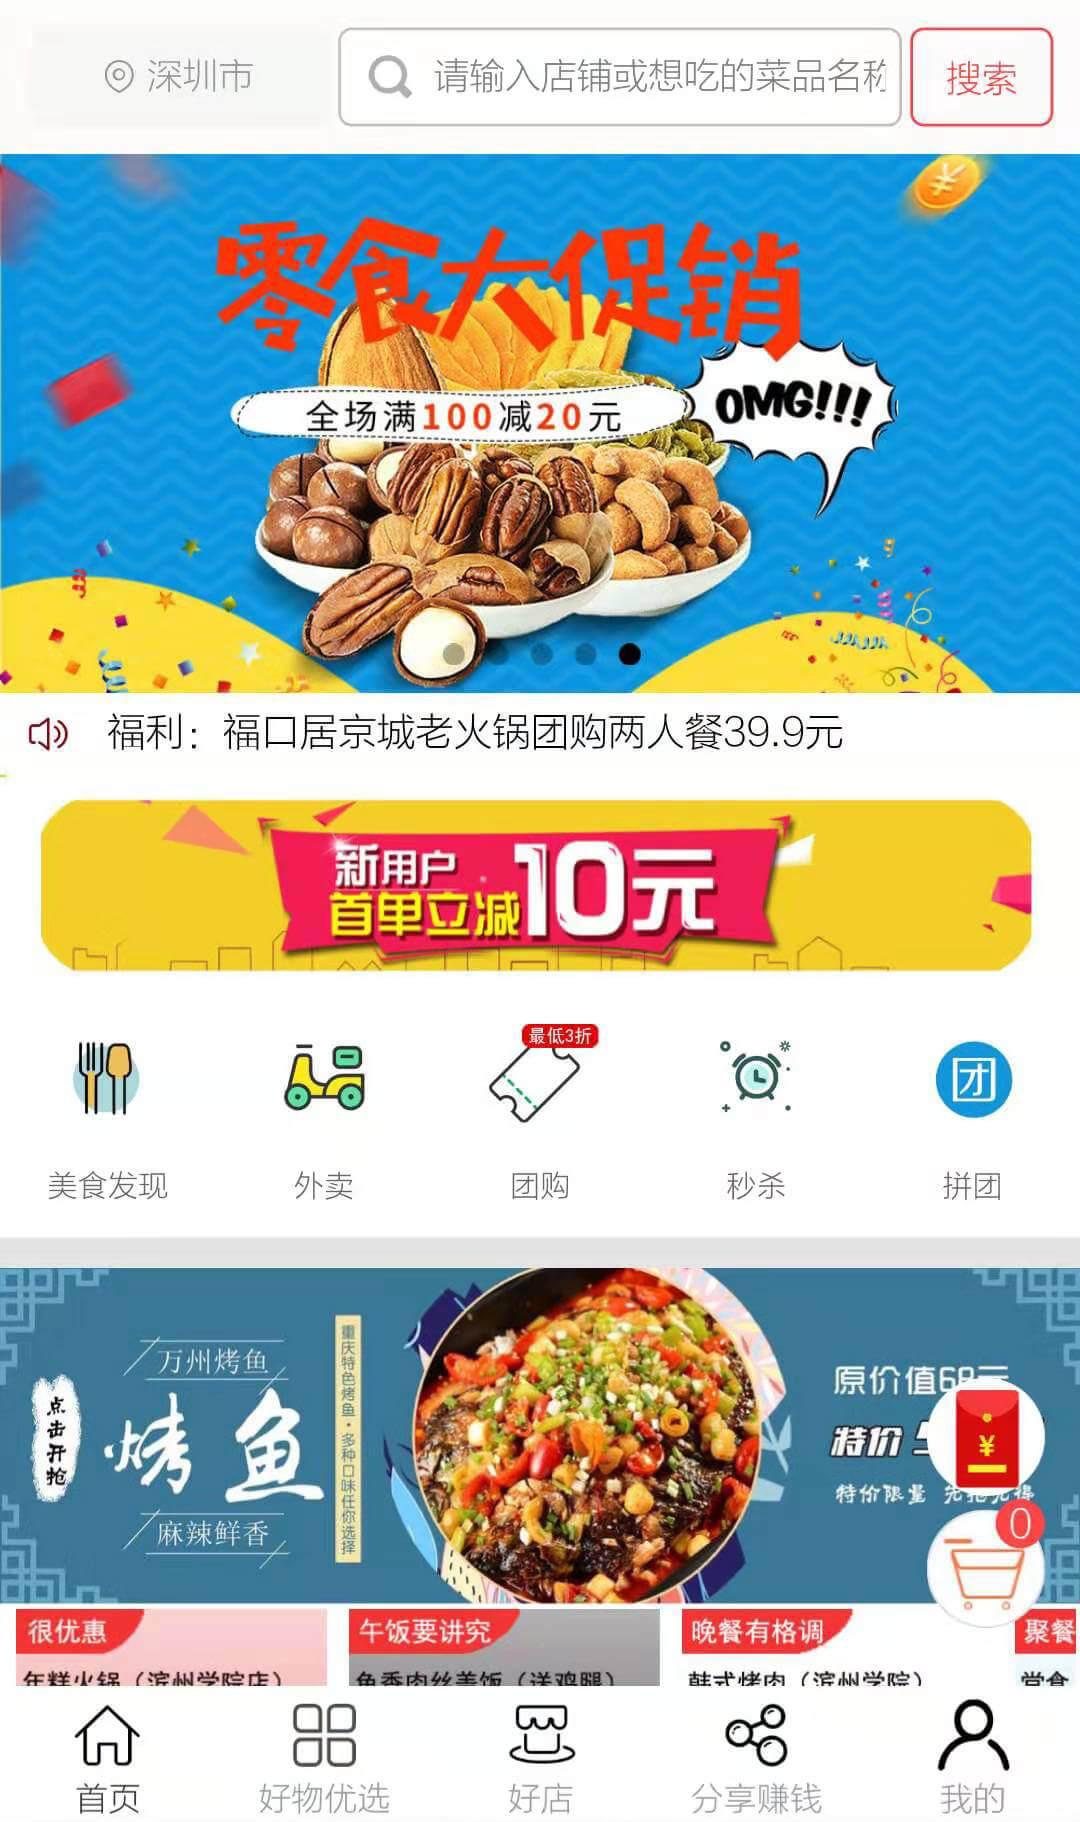 微信舌尖上的滨州小程序